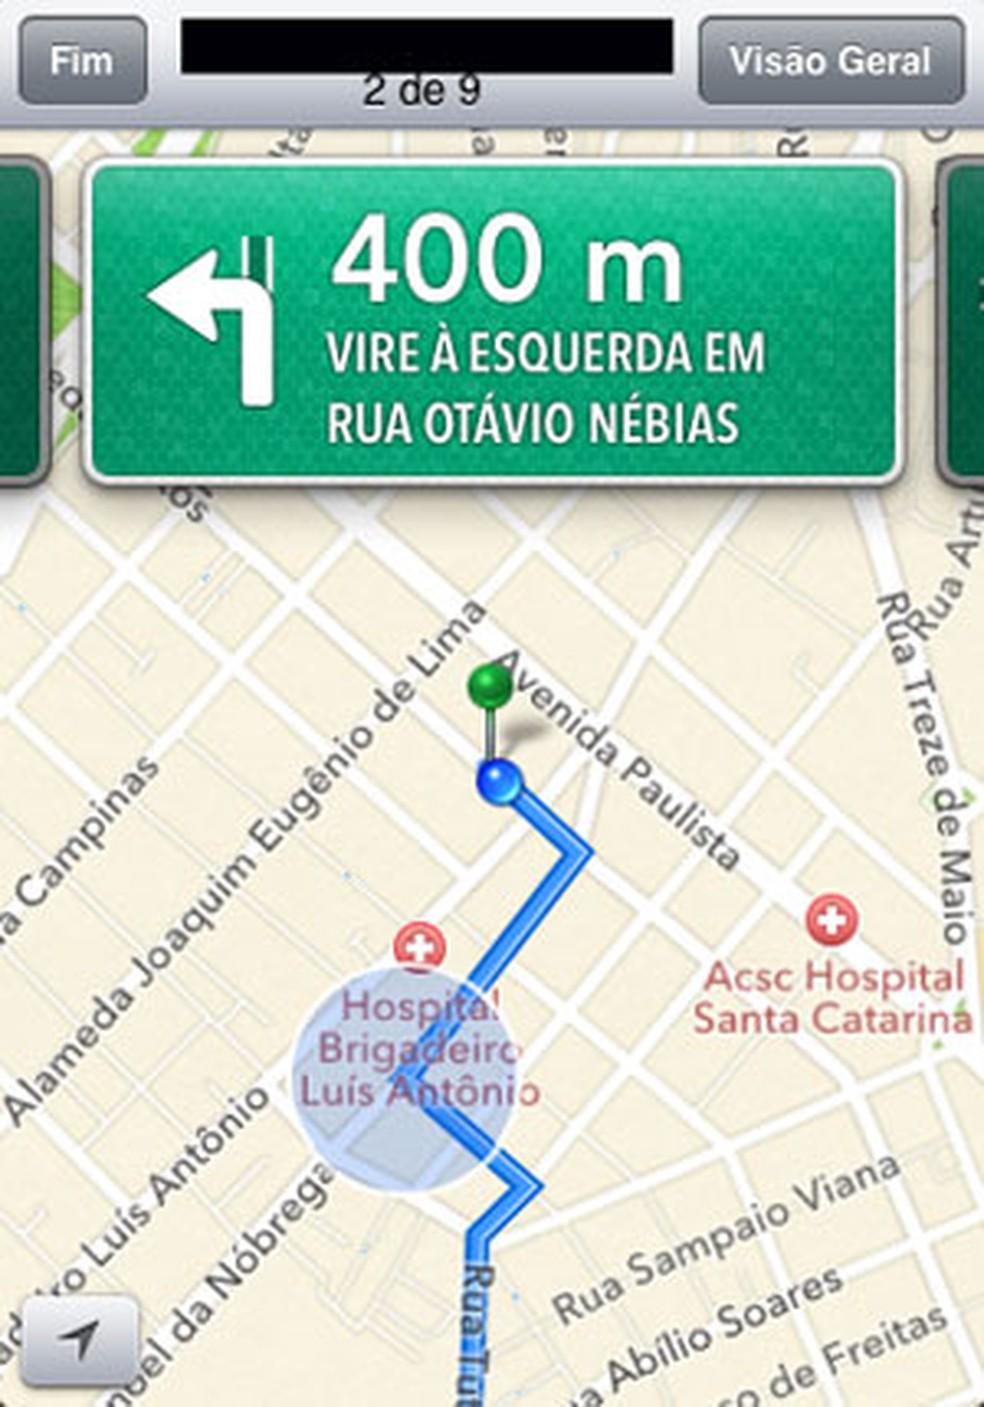 Tela de navegação do Apple Maps (Foto: Reprodução)